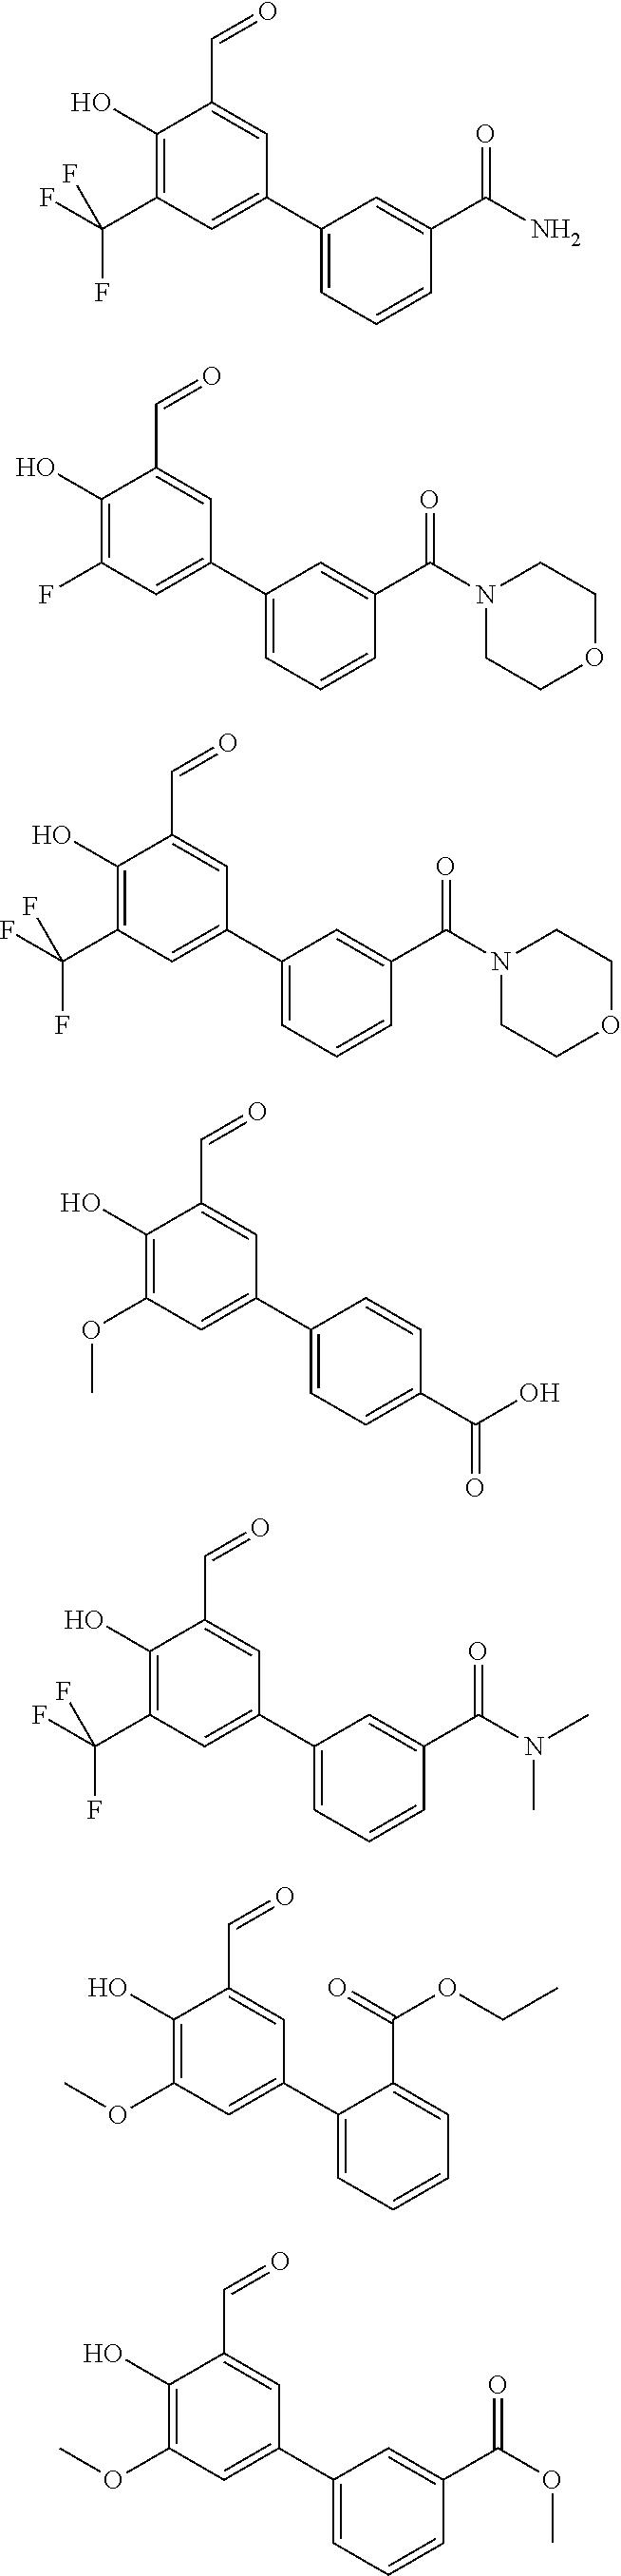 Figure US20110065162A1-20110317-C00112